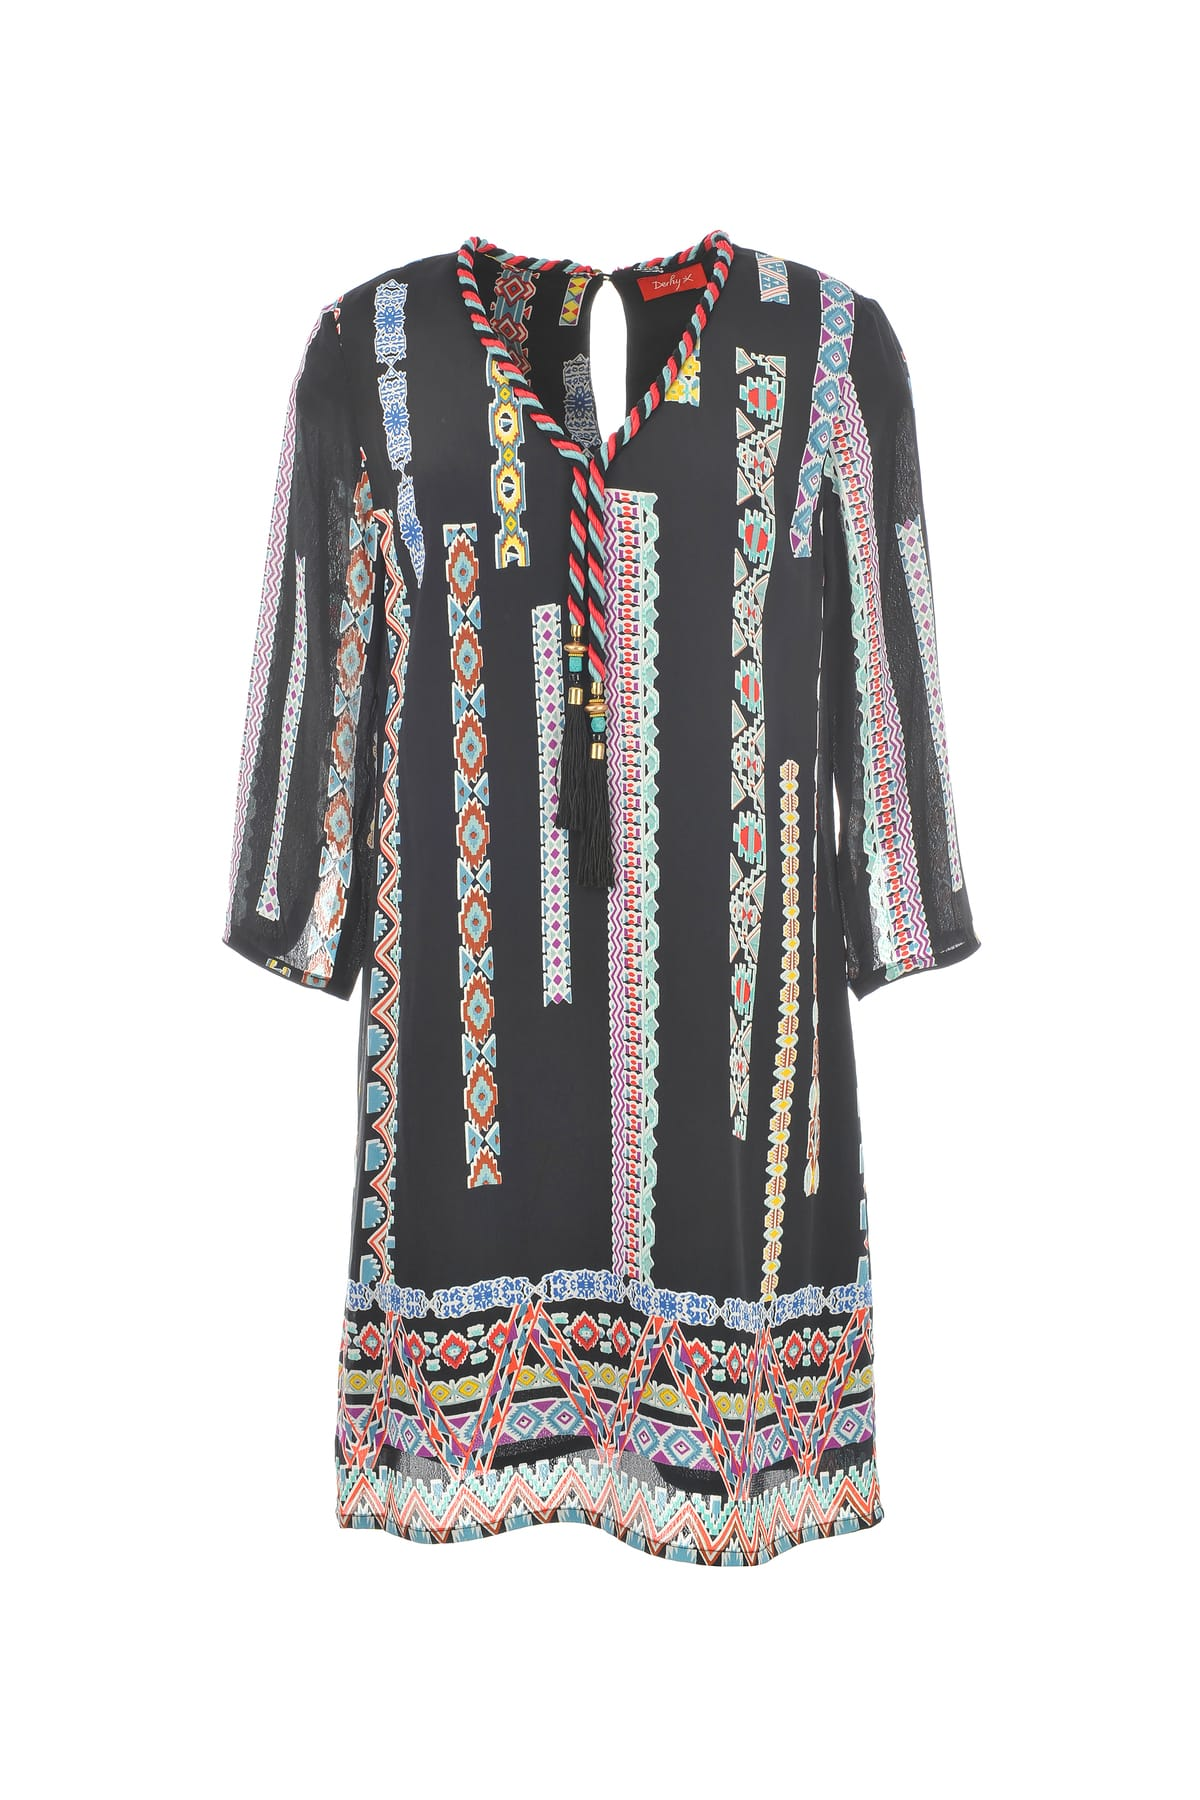 robe imprim ethnique manches longues avec cordon au niveau du col avec pompons derhy. Black Bedroom Furniture Sets. Home Design Ideas